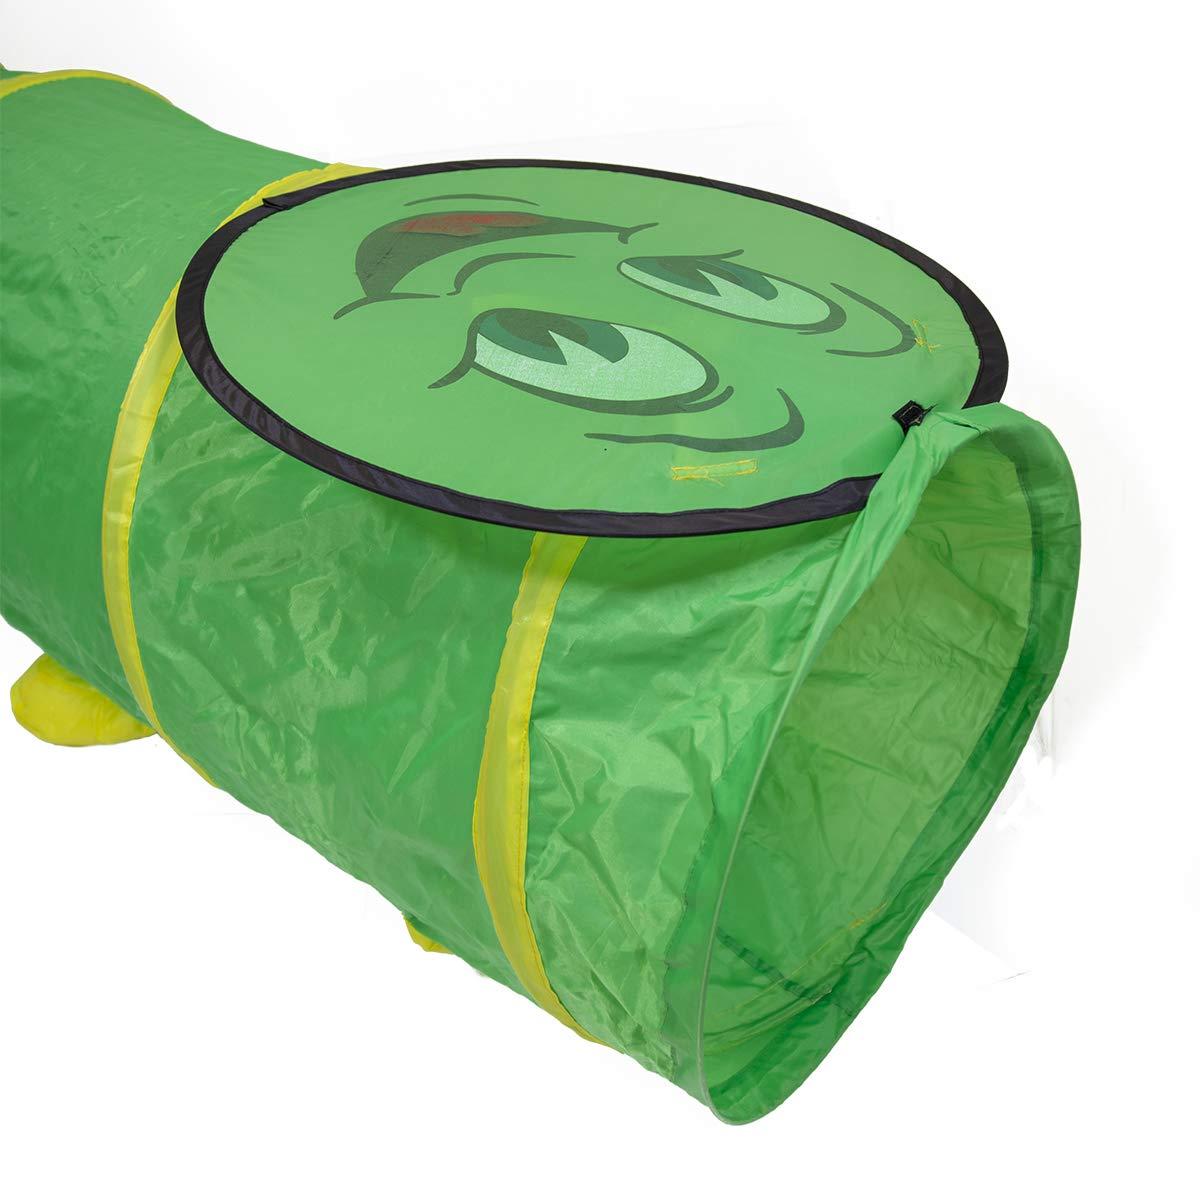 Charles Bentley Green Pop Up Caterpillar Tunnel Play Tent Indoor Kids